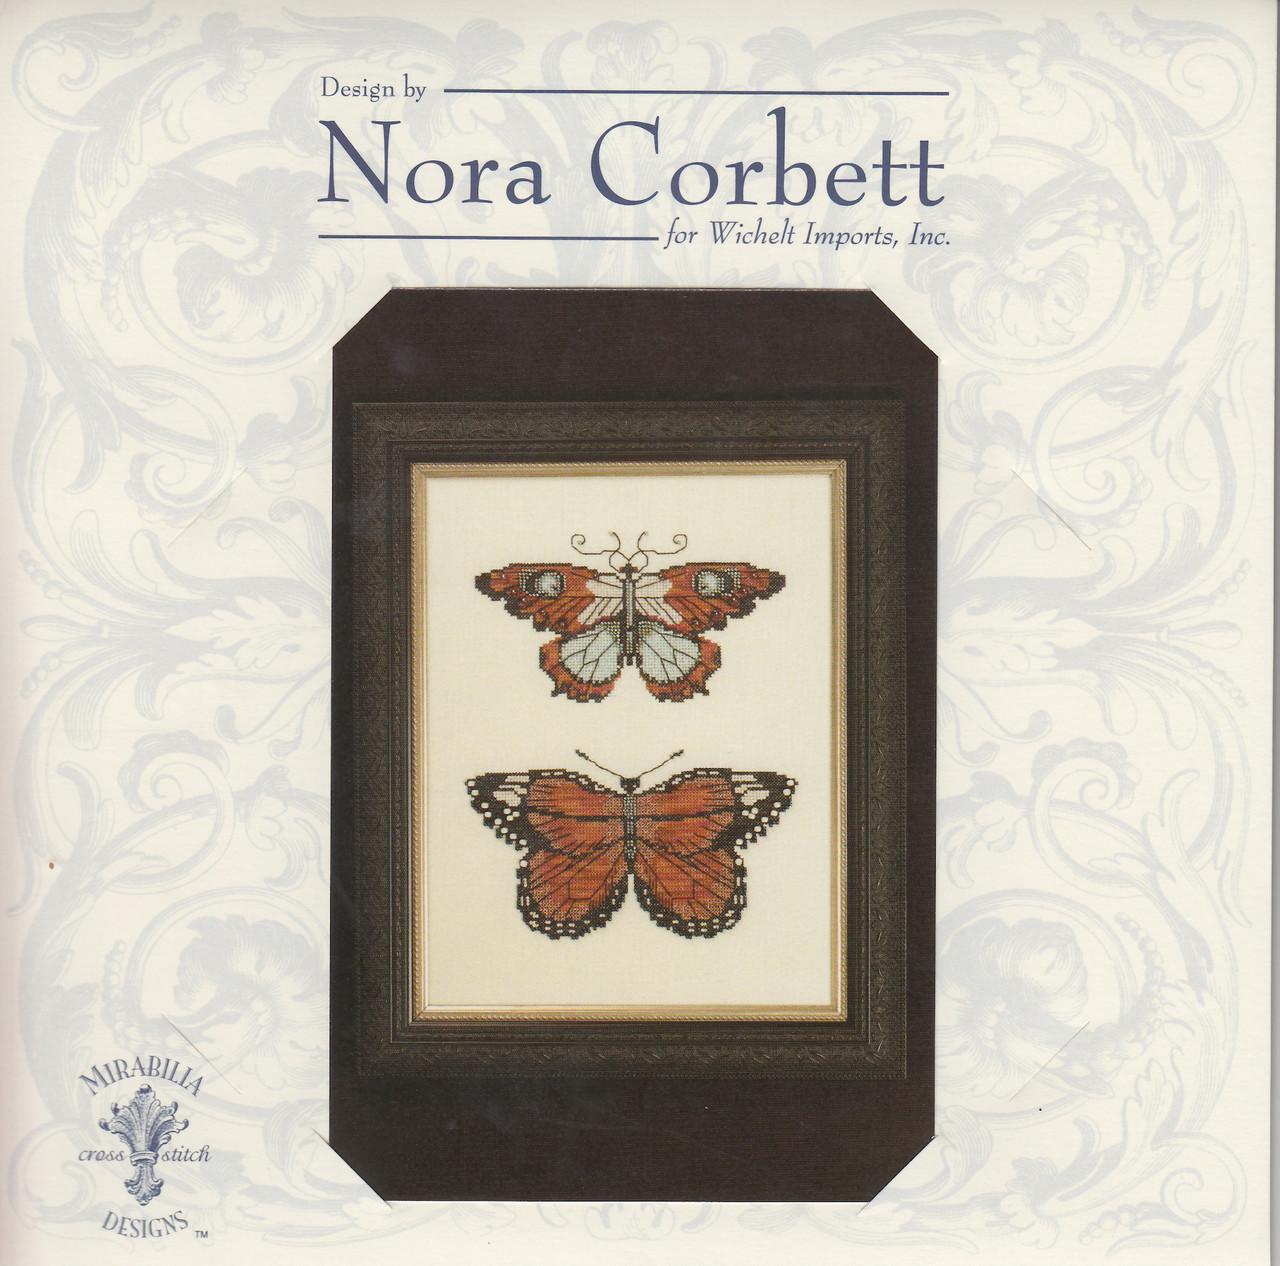 Nora Corbett - Butterflies of Gold